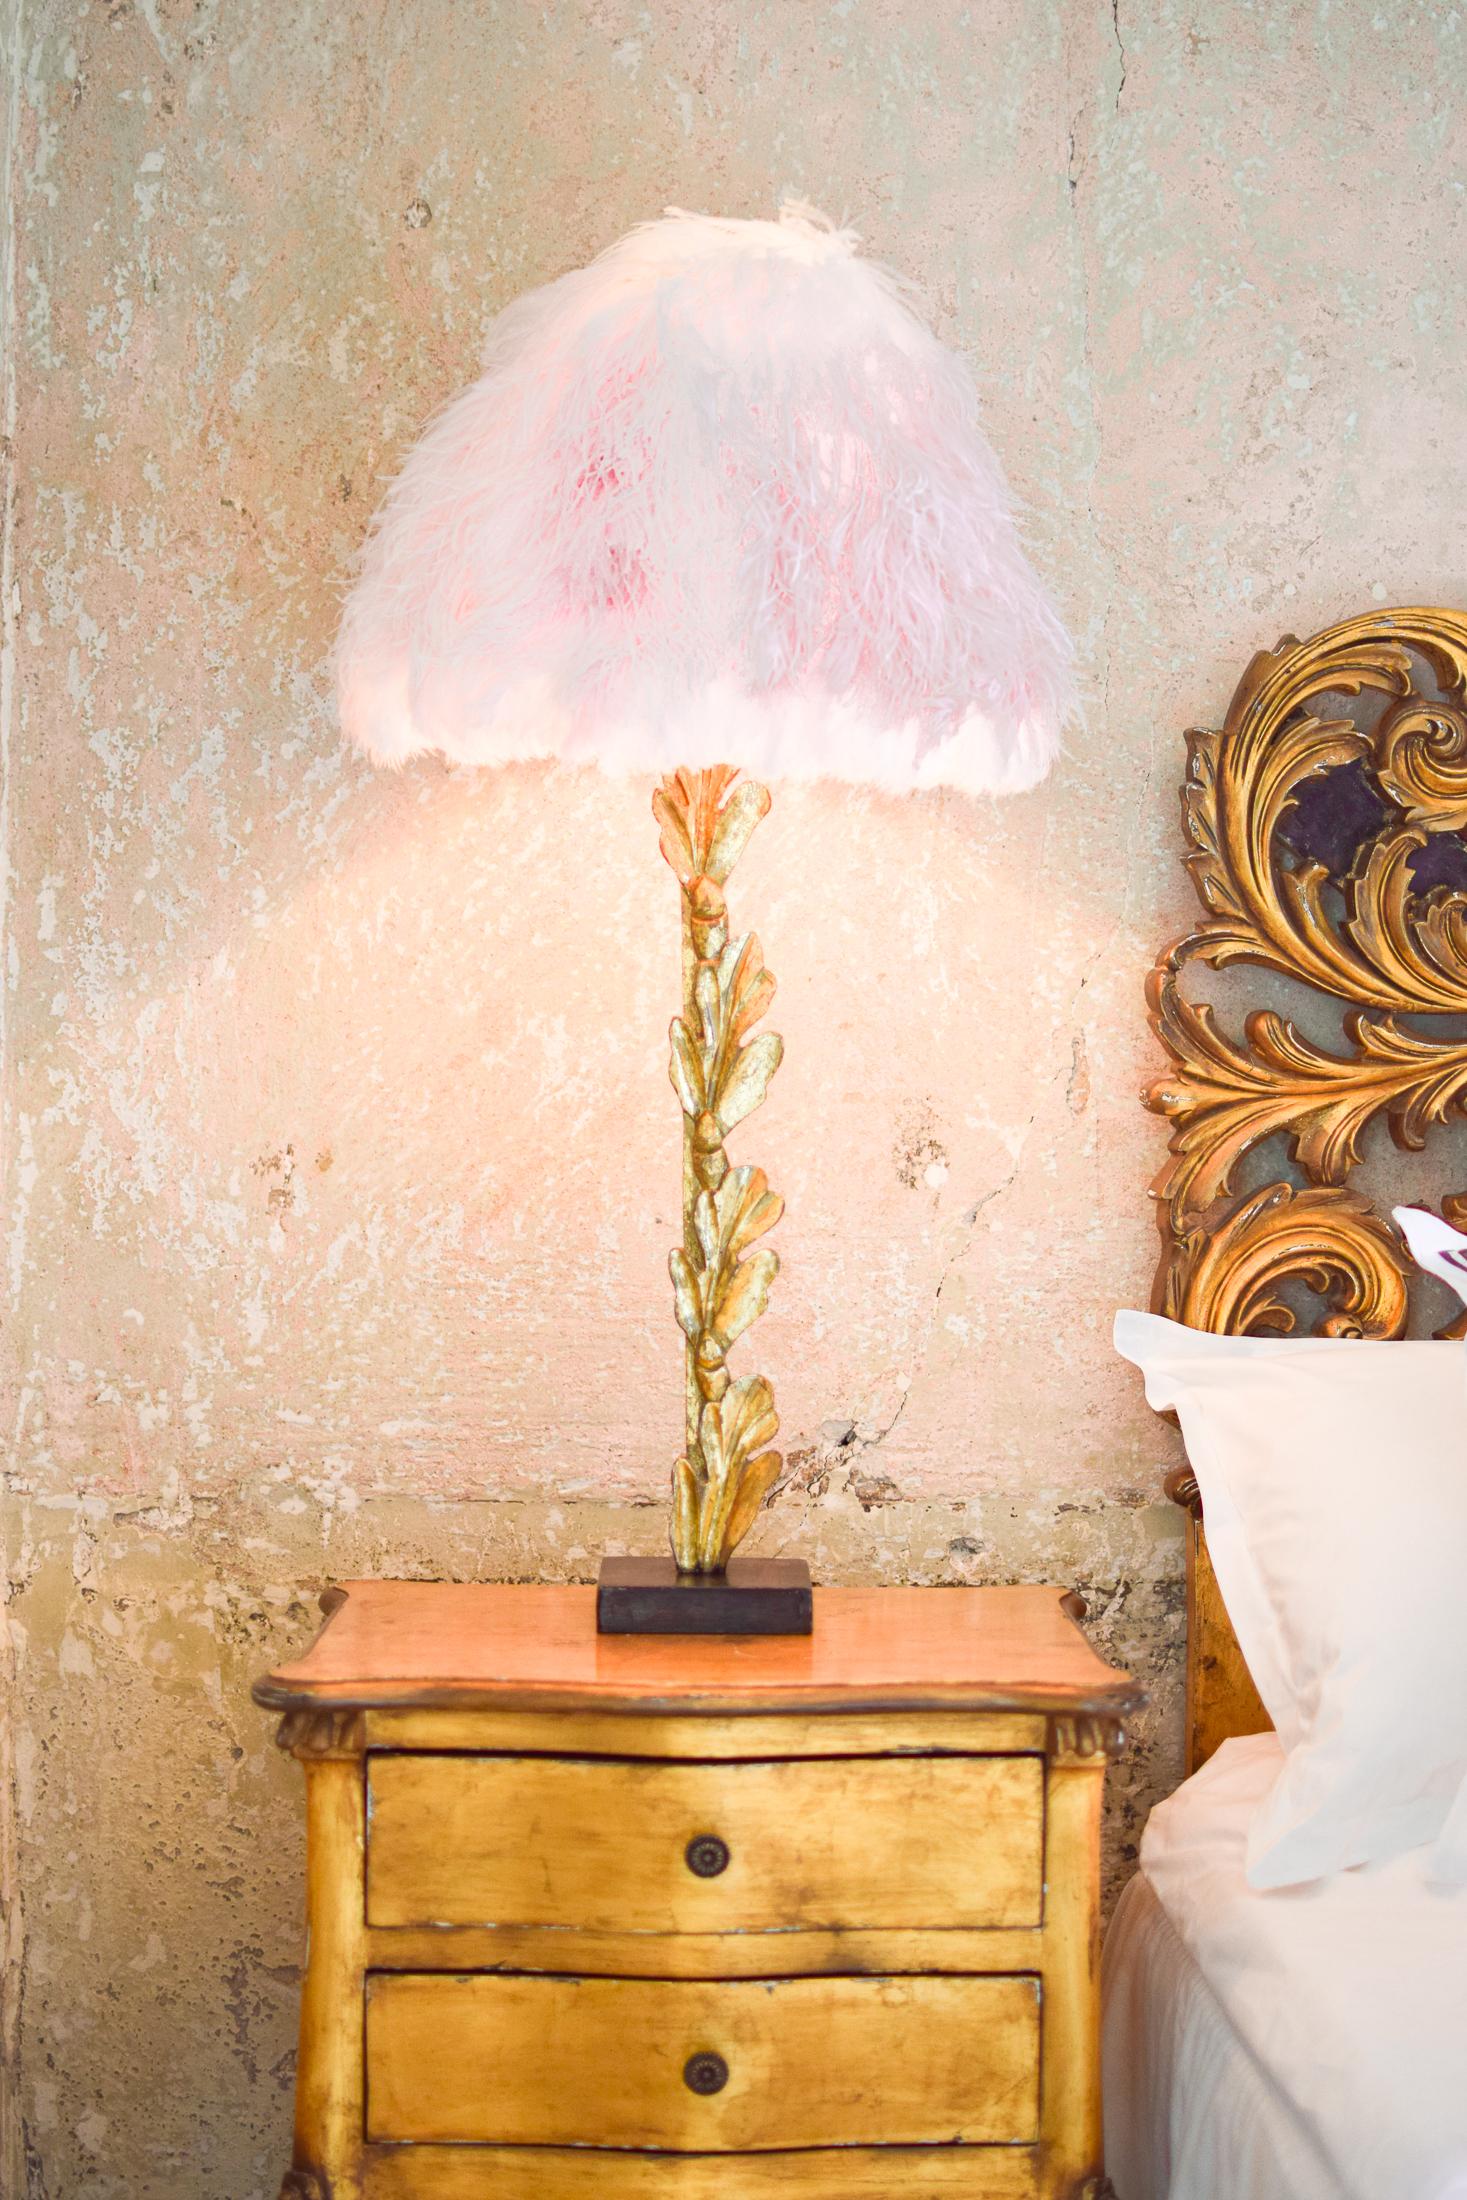 sängbord med en ljusrosa lampskärm på en guldig lampfot.